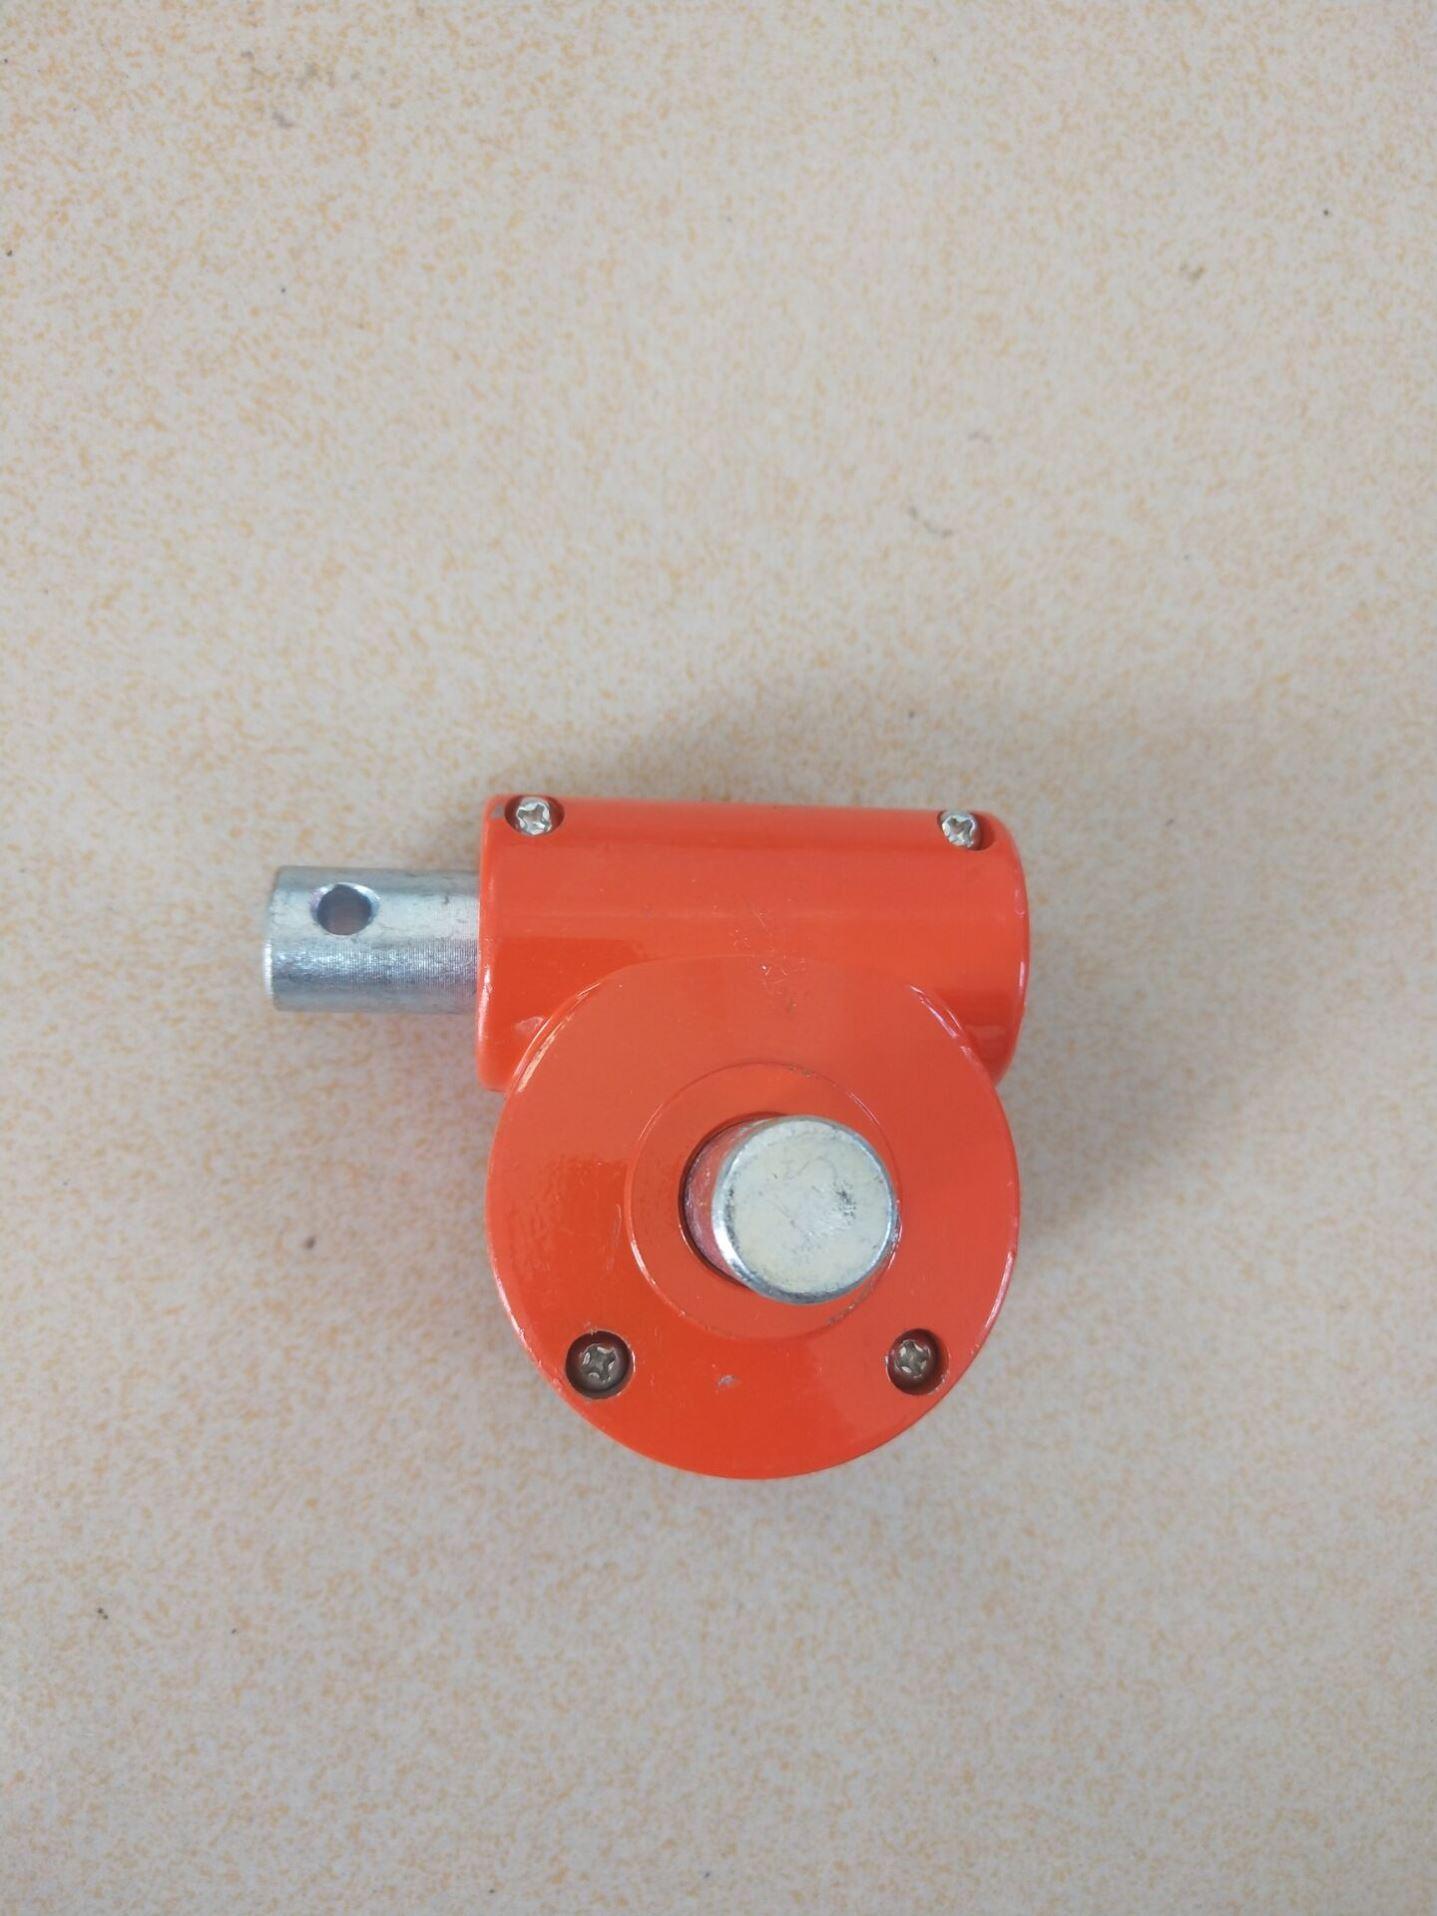 大天井巻膜器手動換気機のチェーン式揺動膜装置天井暖房室の温室用手モチーフ